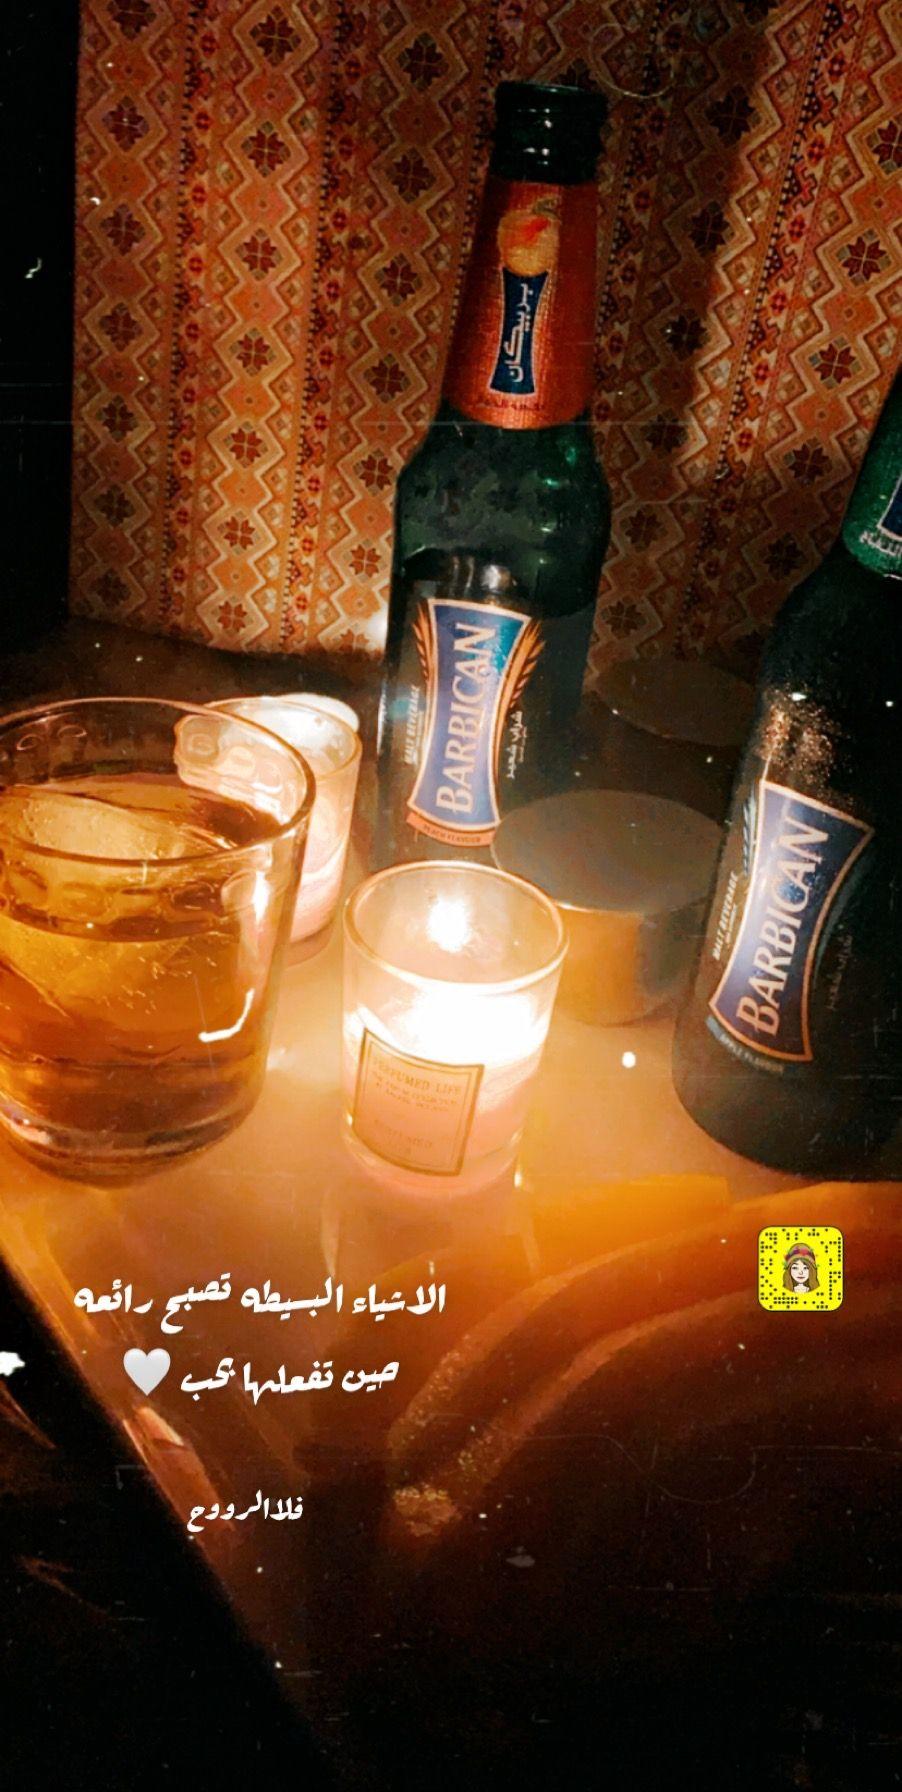 Pin By فـ ـلا الــ ـرووح On تصويري Beer Bottle Bottle Beer